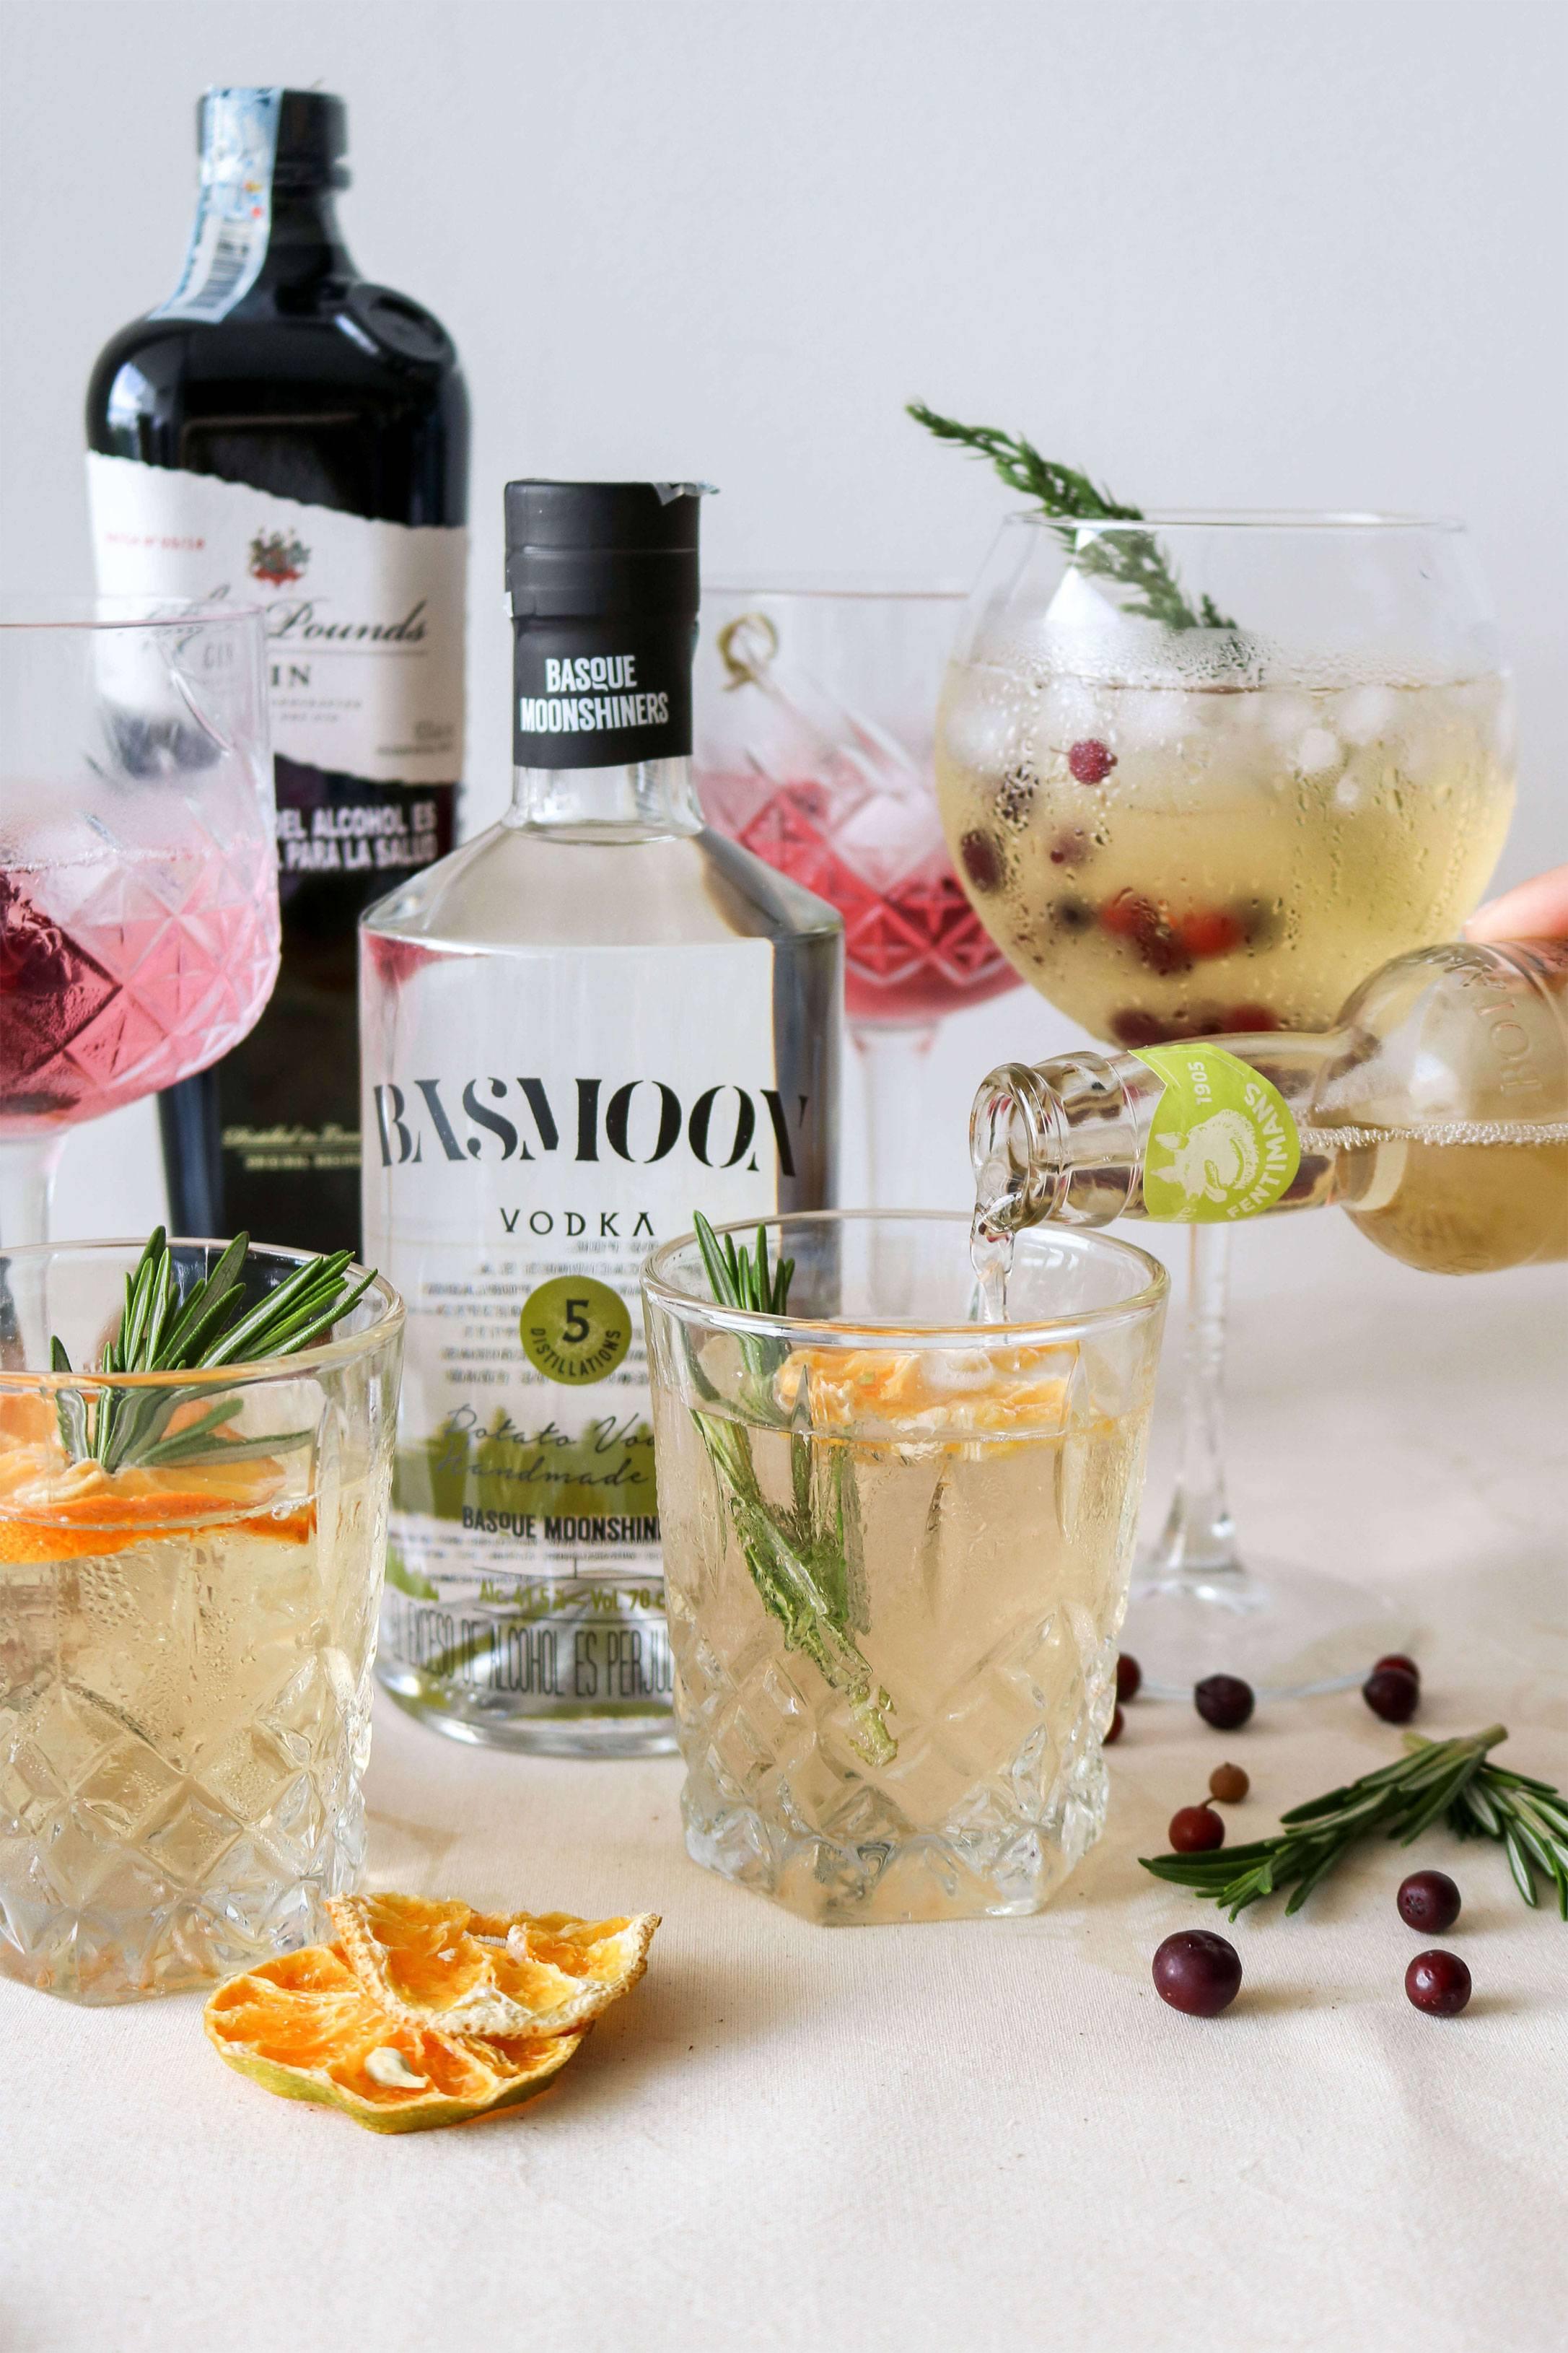 Vodka Basmoon